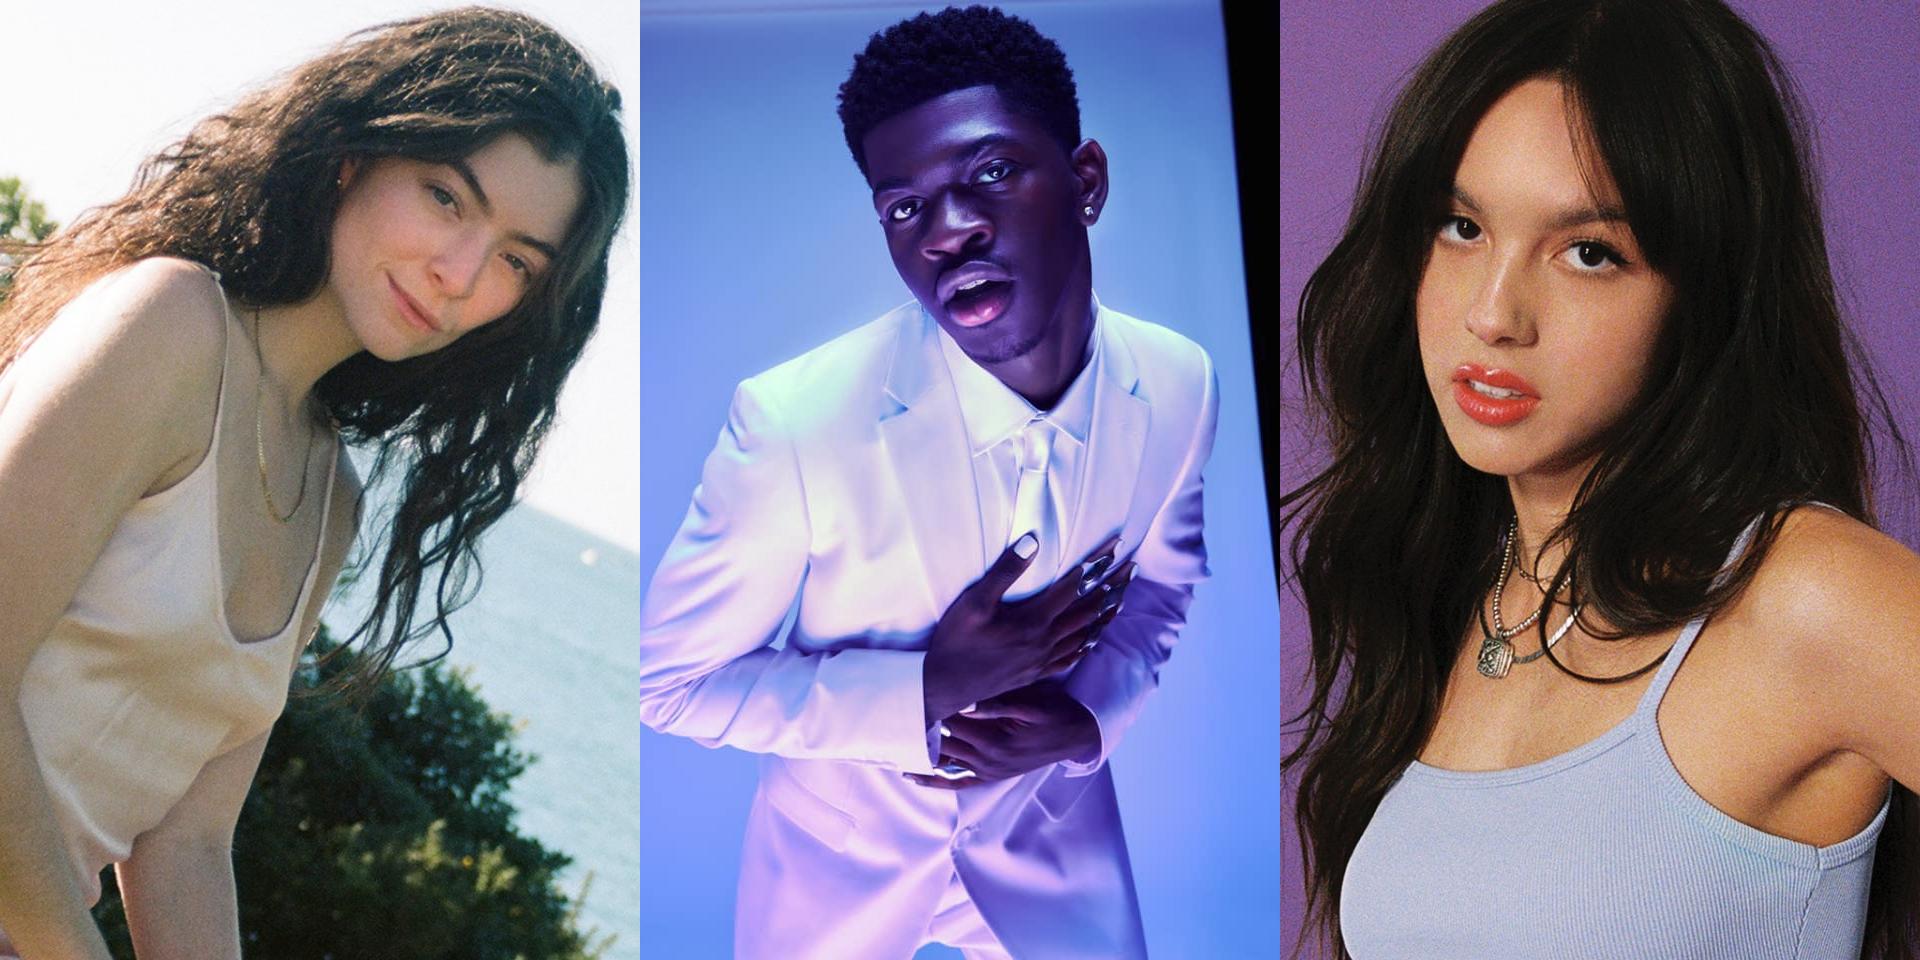 Lorde, Olivia Rodrigo, Lil Nas X, and more to perform at the 2021 MTV VMAs